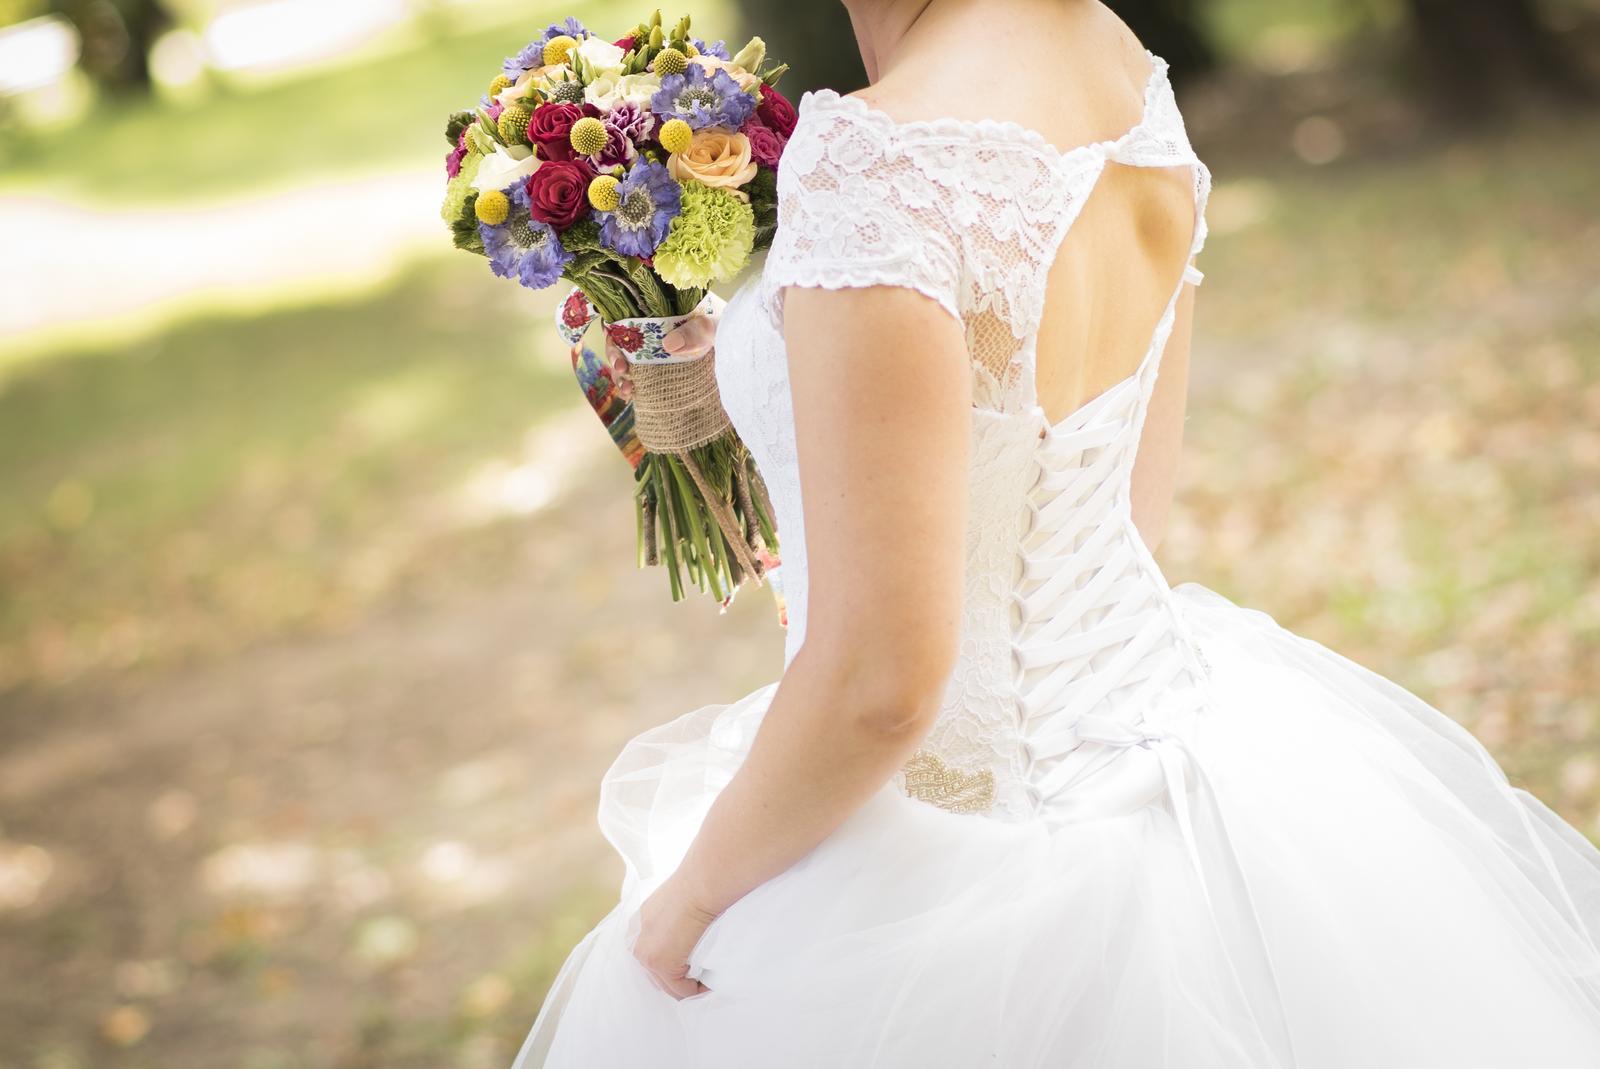 8e357adedabb Biele svadobne saty s cipkou - 38 - 40